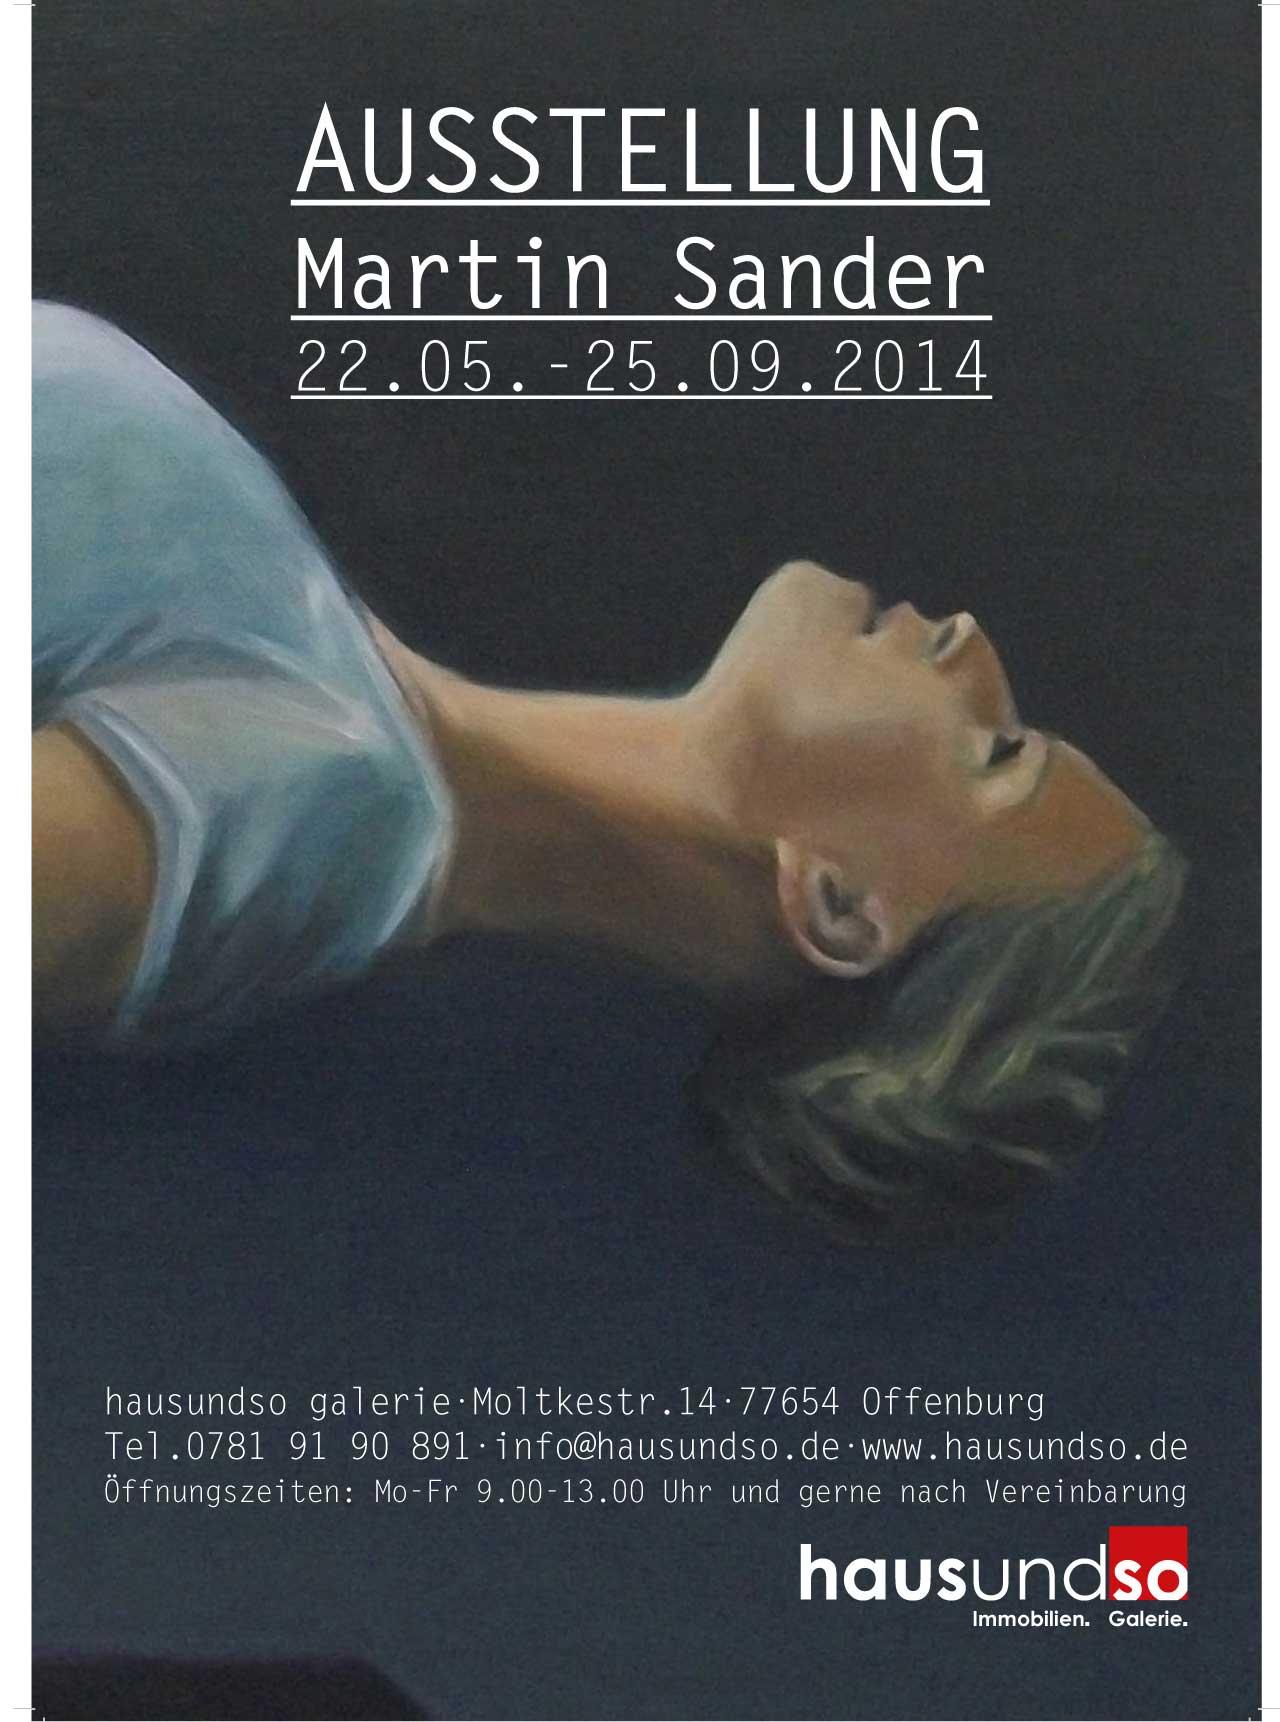 Ausstellungsplakat für die Ausstellung Martin Sander